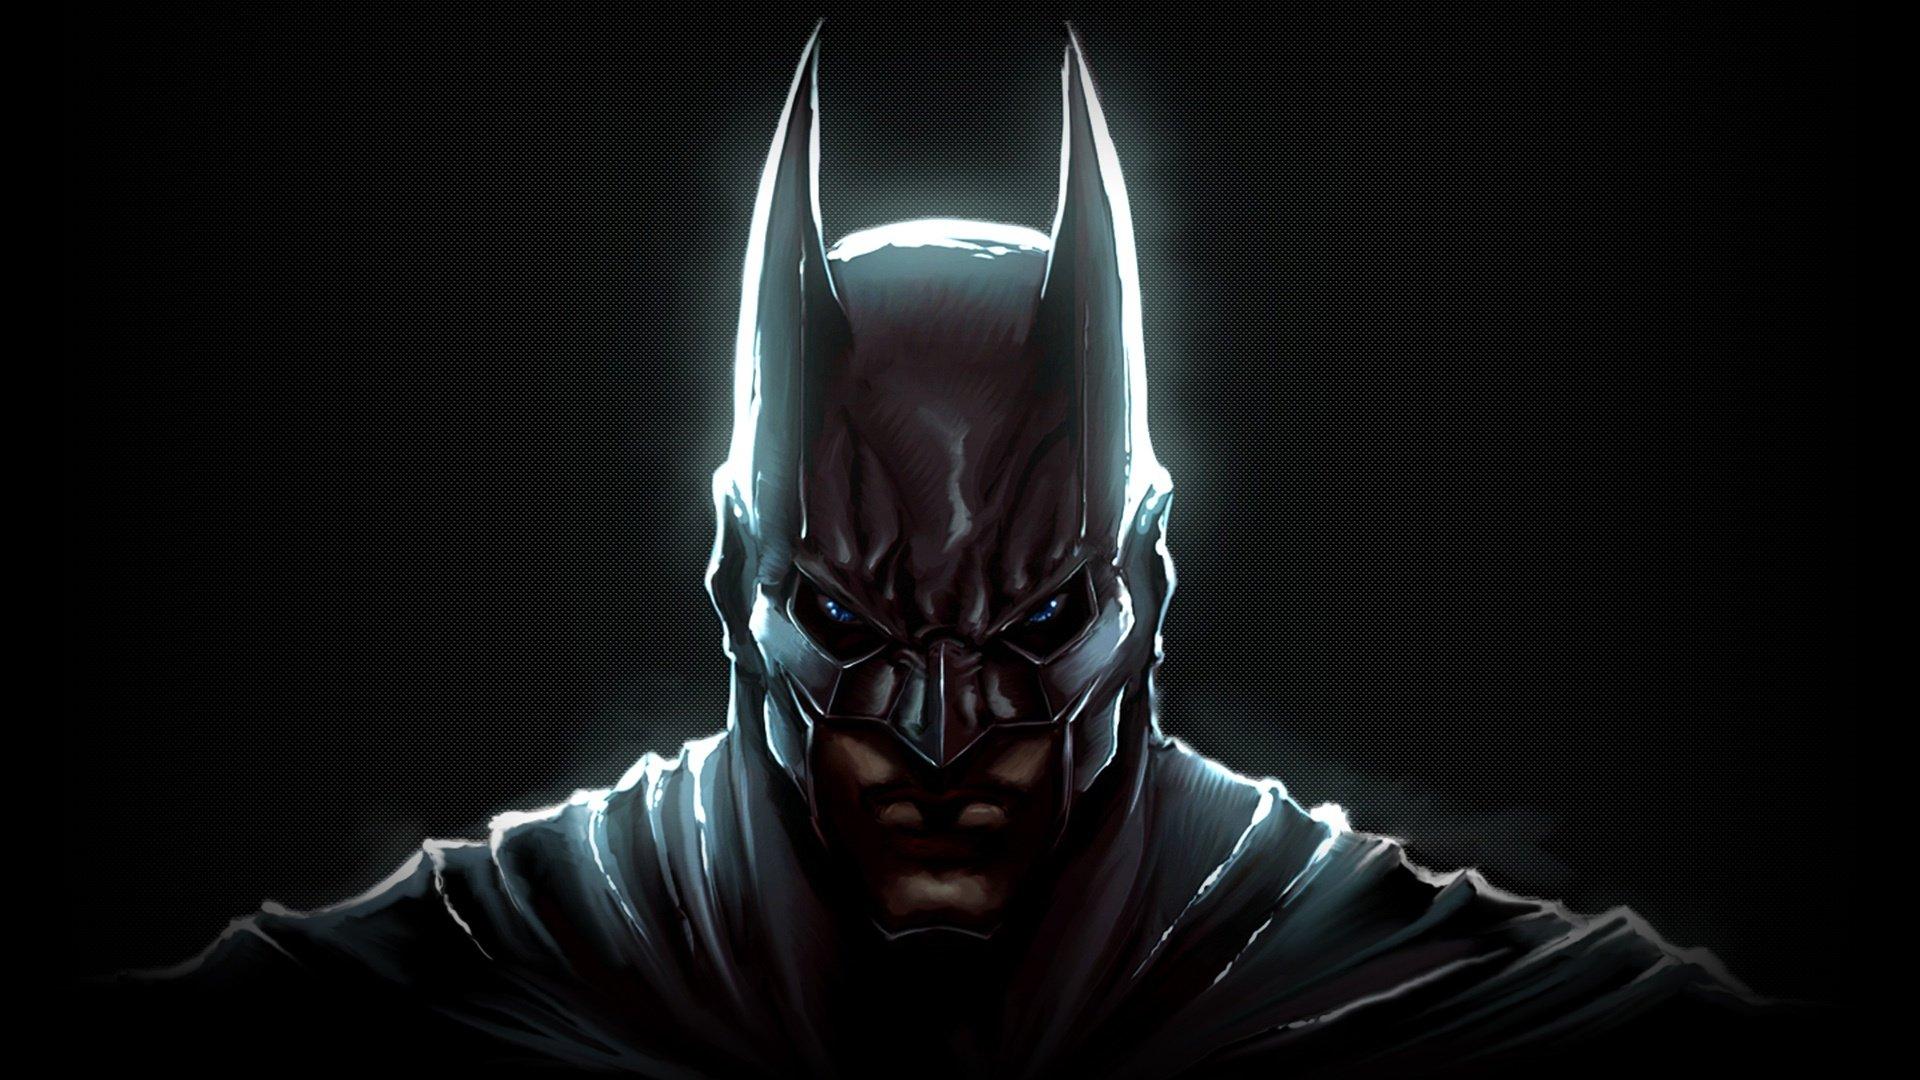 Dark Knight Batman 1920x1080 Wallpaper